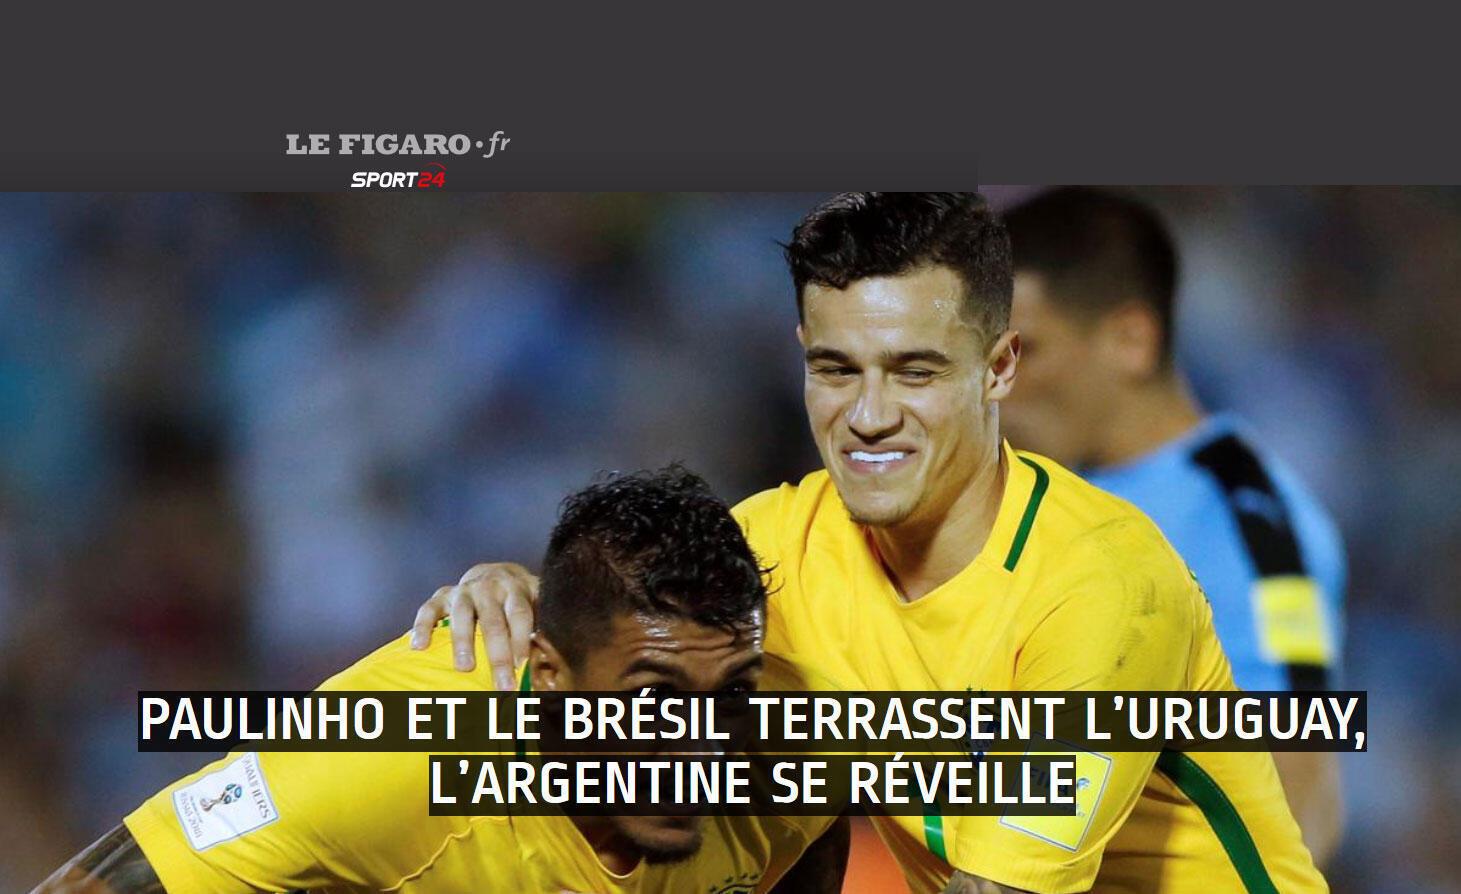 """""""Um Brasil magnífico e eficaz no ataque"""", exalta o Le Figaro"""